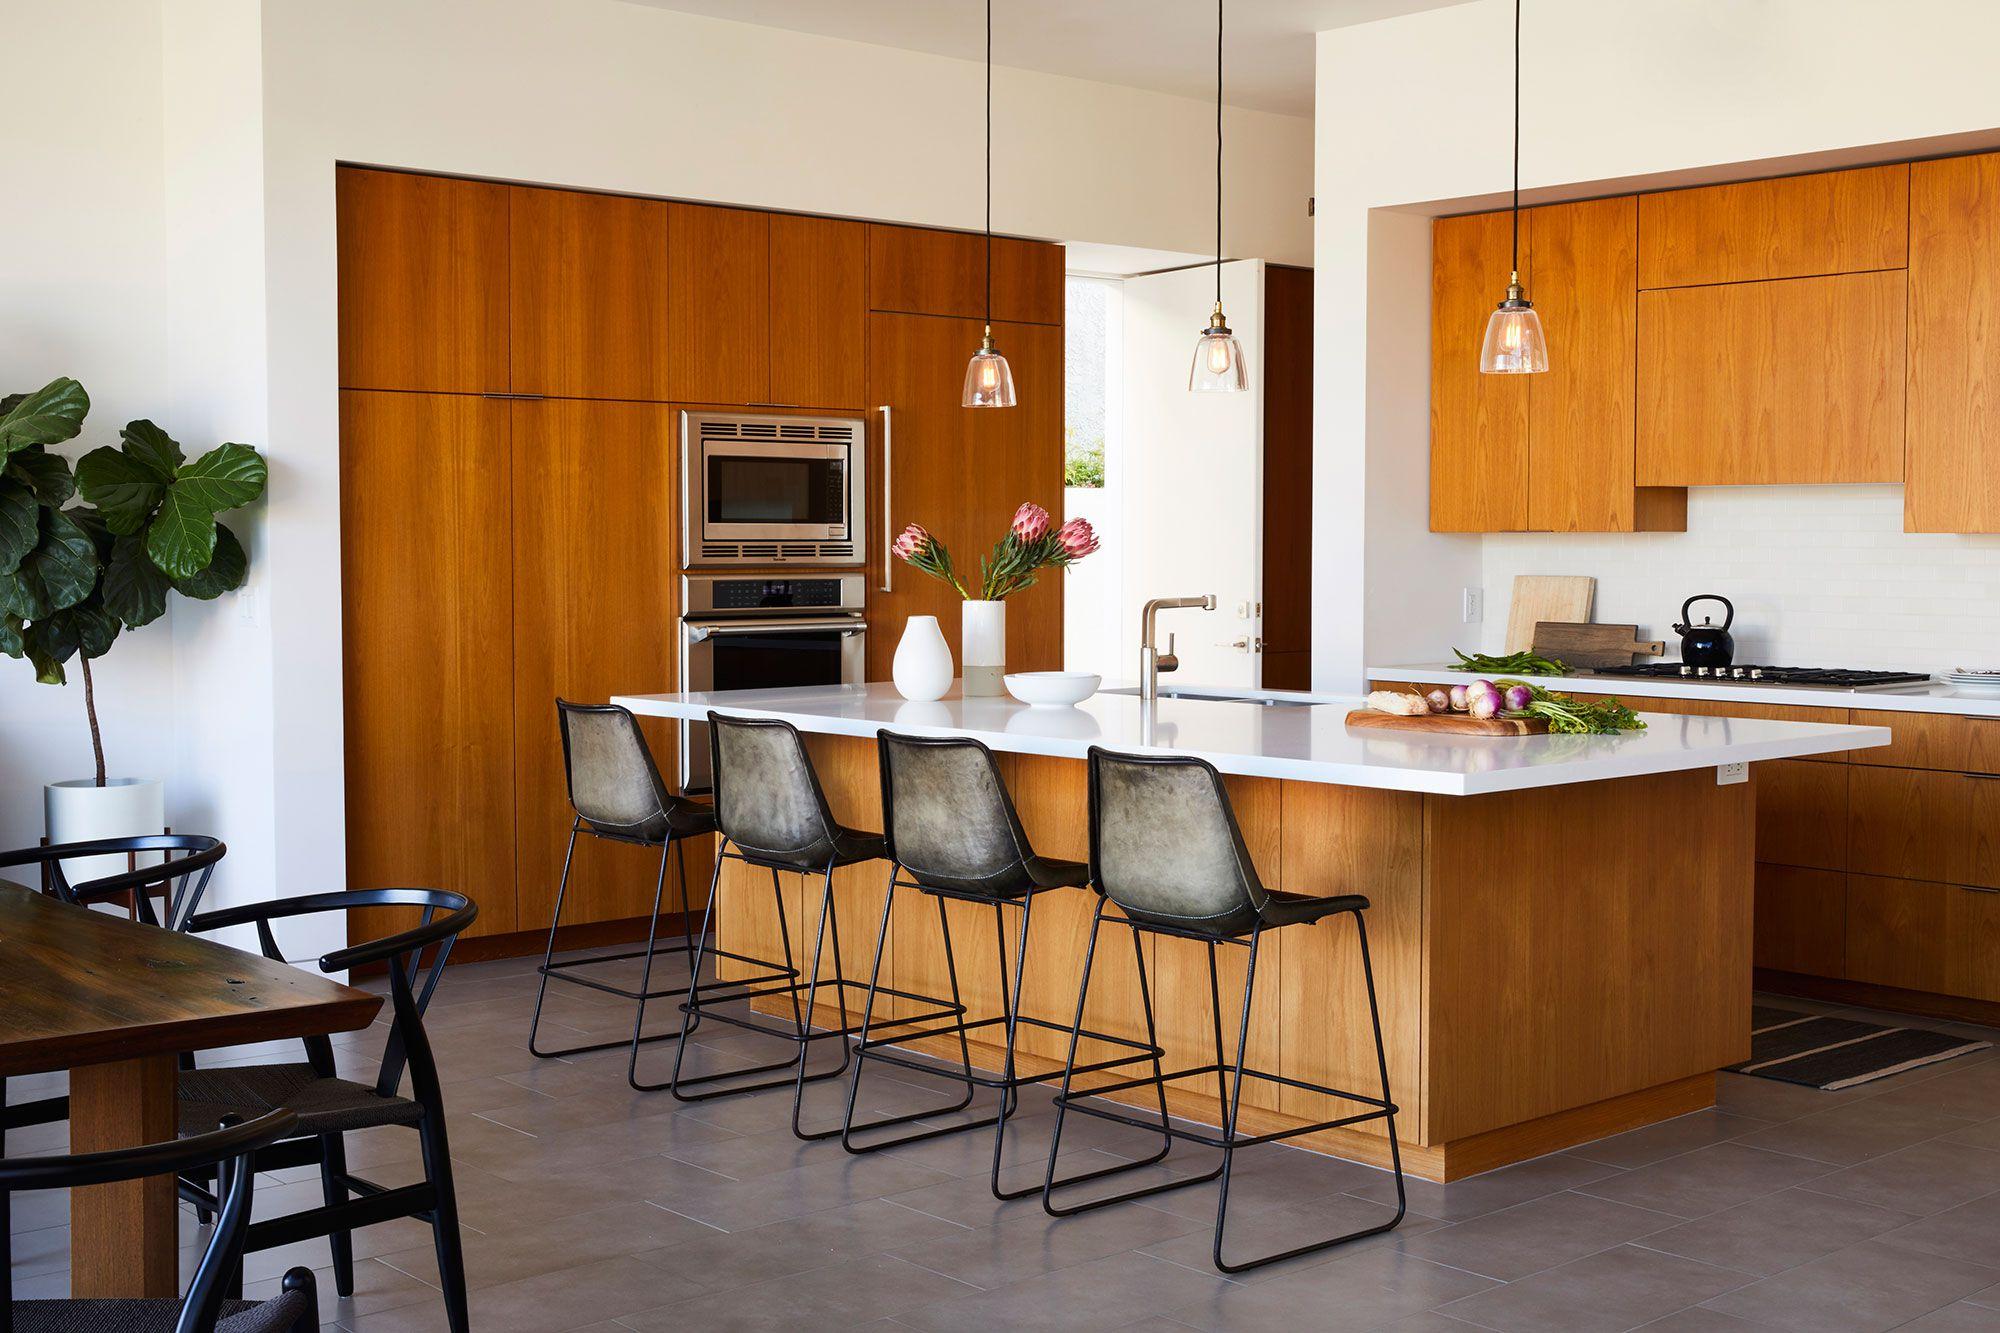 10 Best Modern Kitchen Cabinet Ideas - Chic Modern Cabinet Design